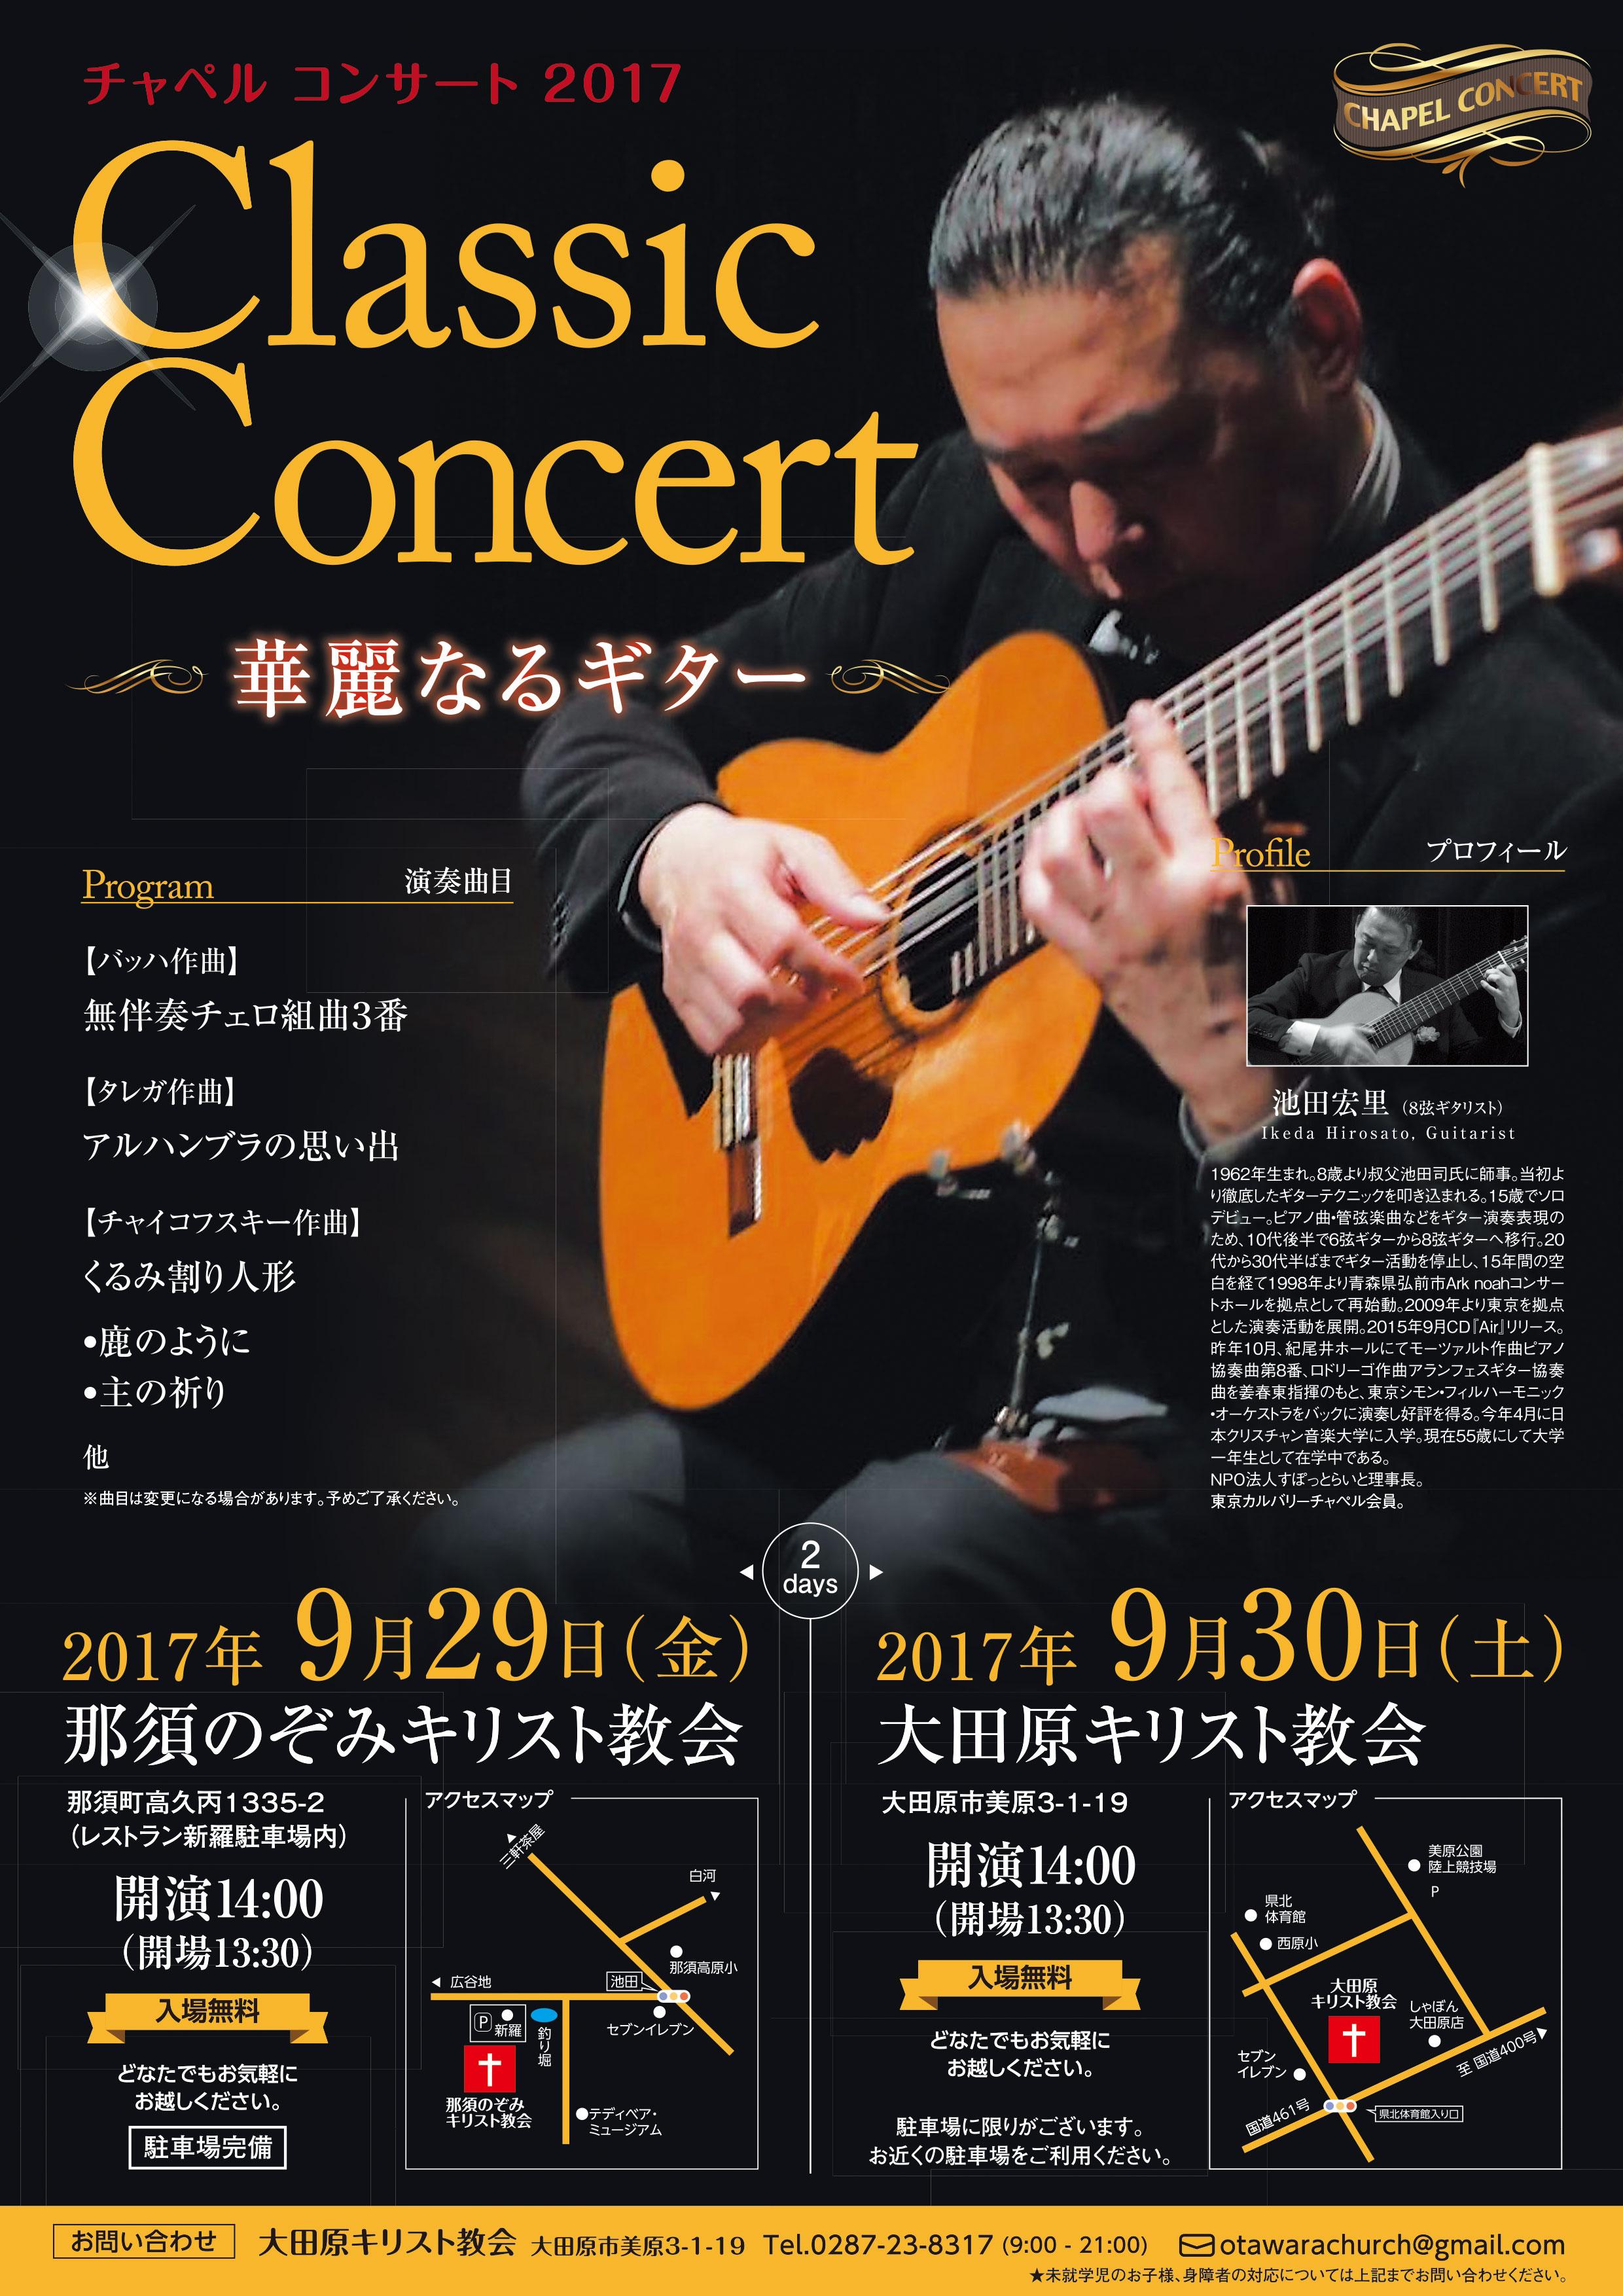 GuitarConcert2017_06OL